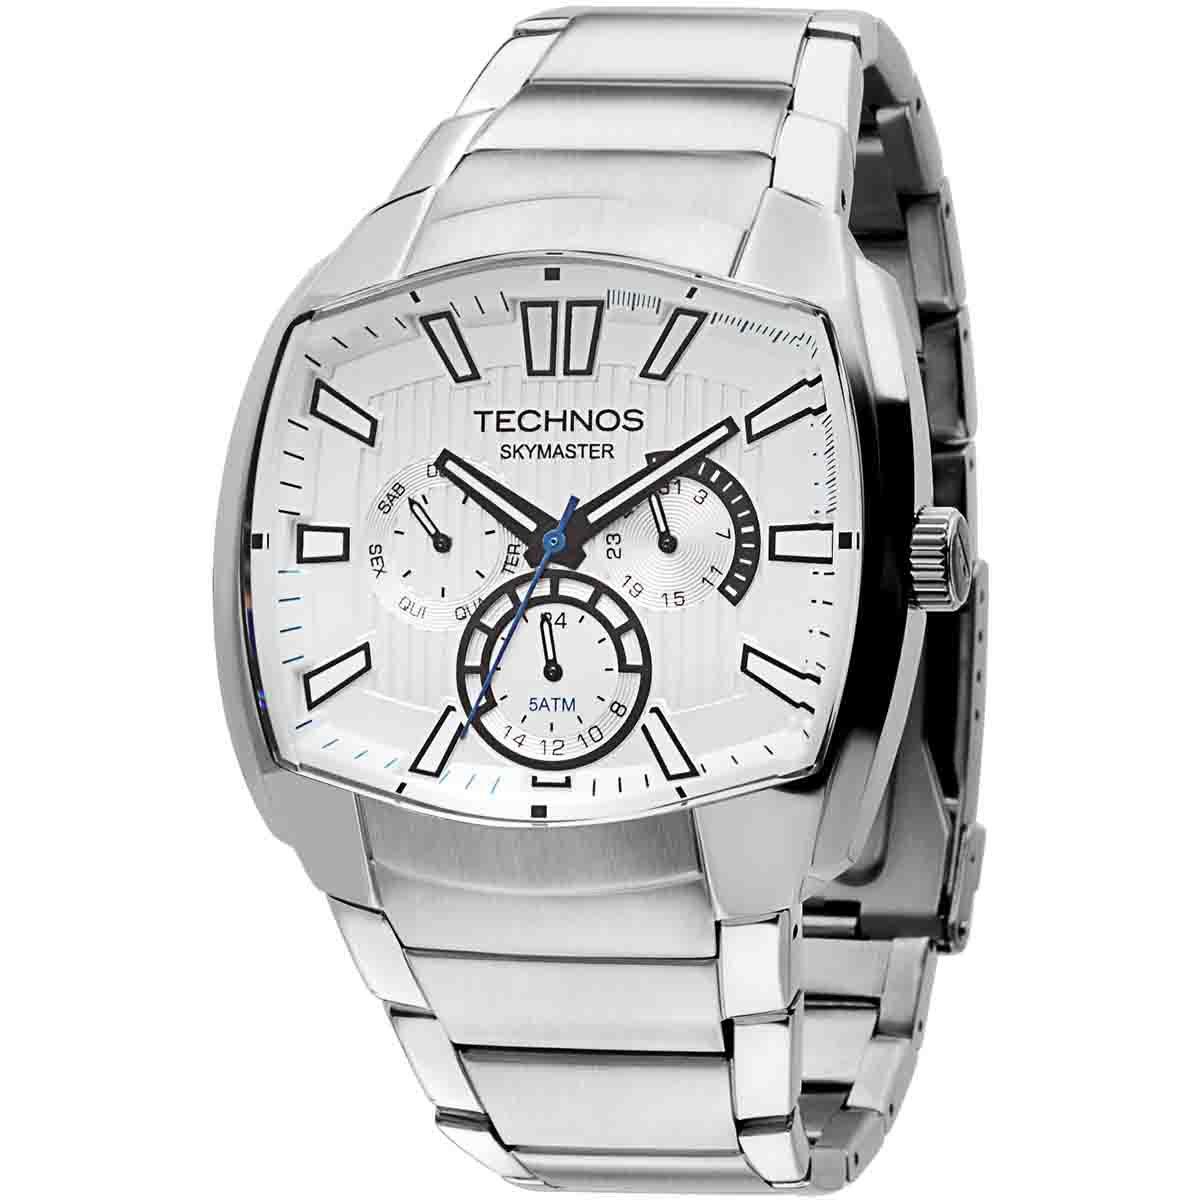 18c0e4f1bd9 Relógio Technos Performance Skymaster - Compre Agora